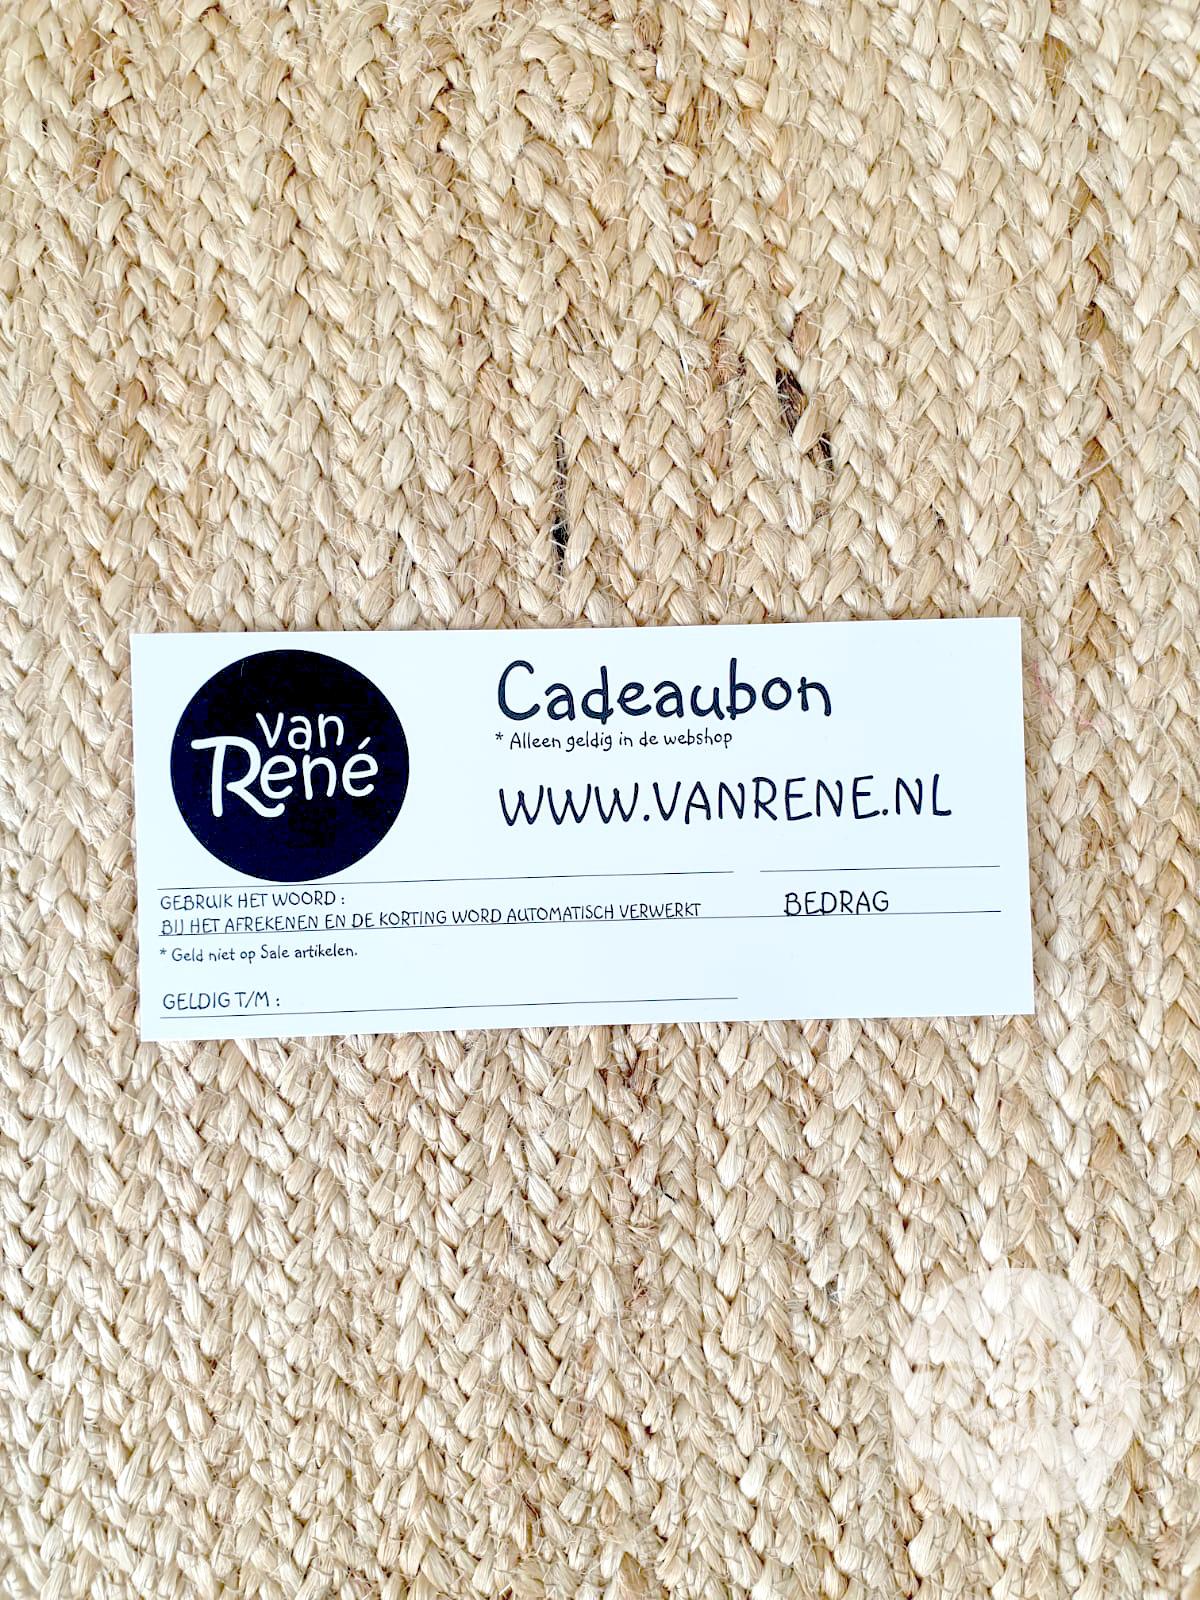 5 Euro Cadeaubonnen Leuk Om Cadeau To Geven Van René